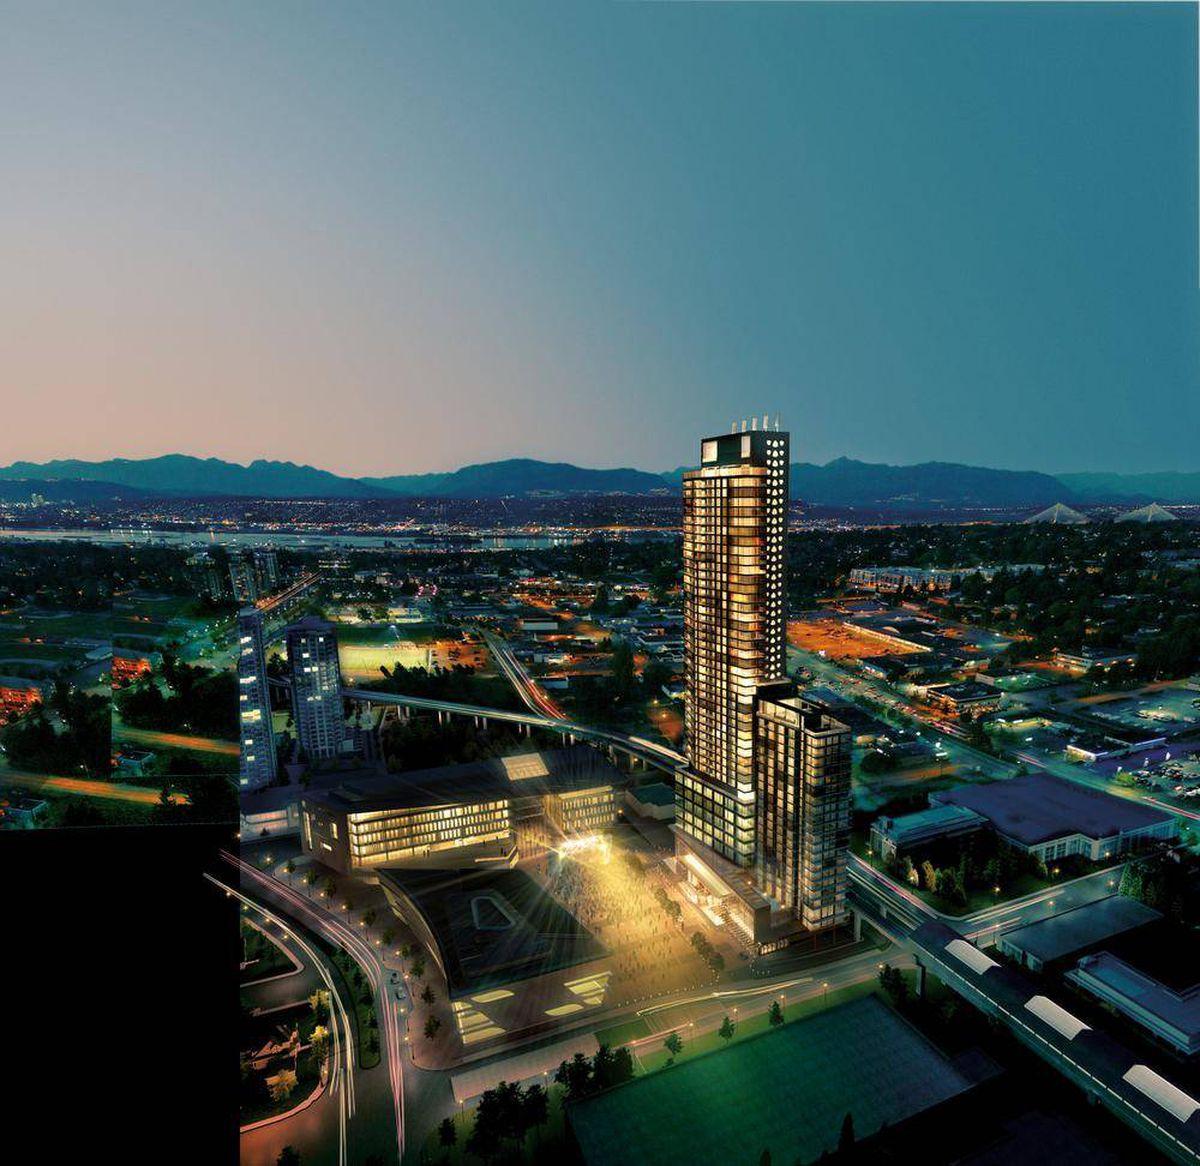 Surrey casino grand opening